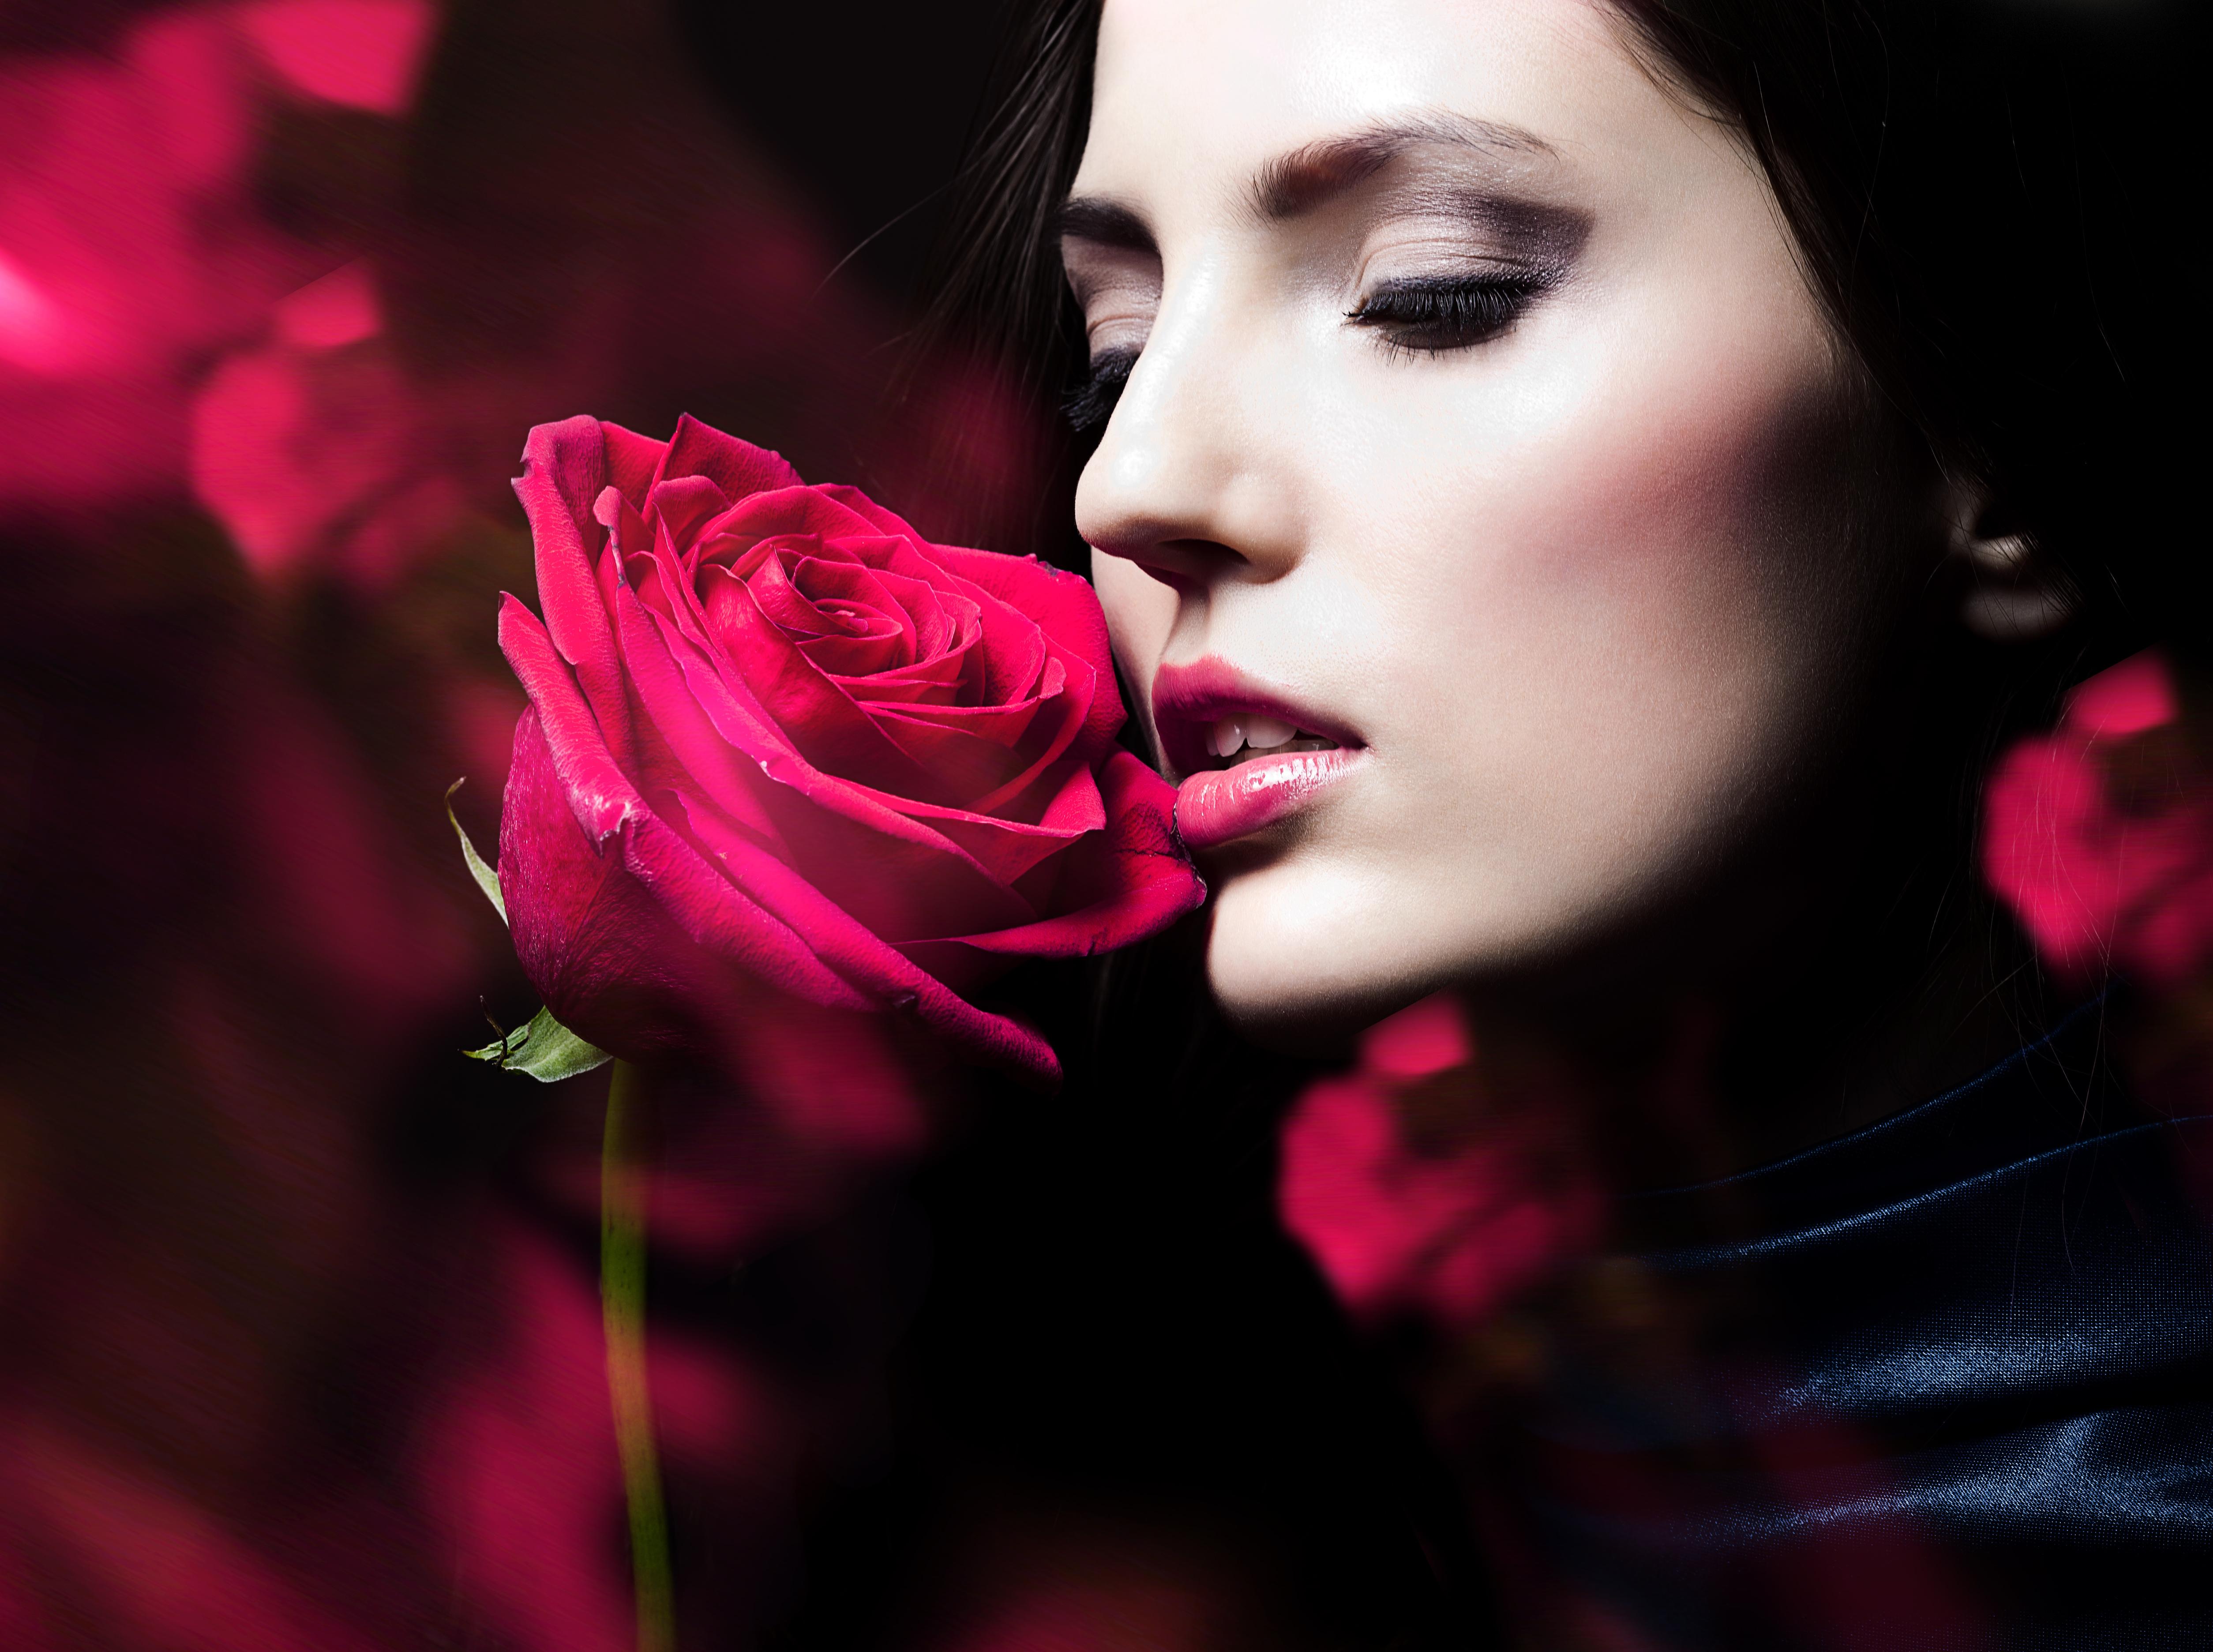 Сделать, открытки девушек с розами в руках